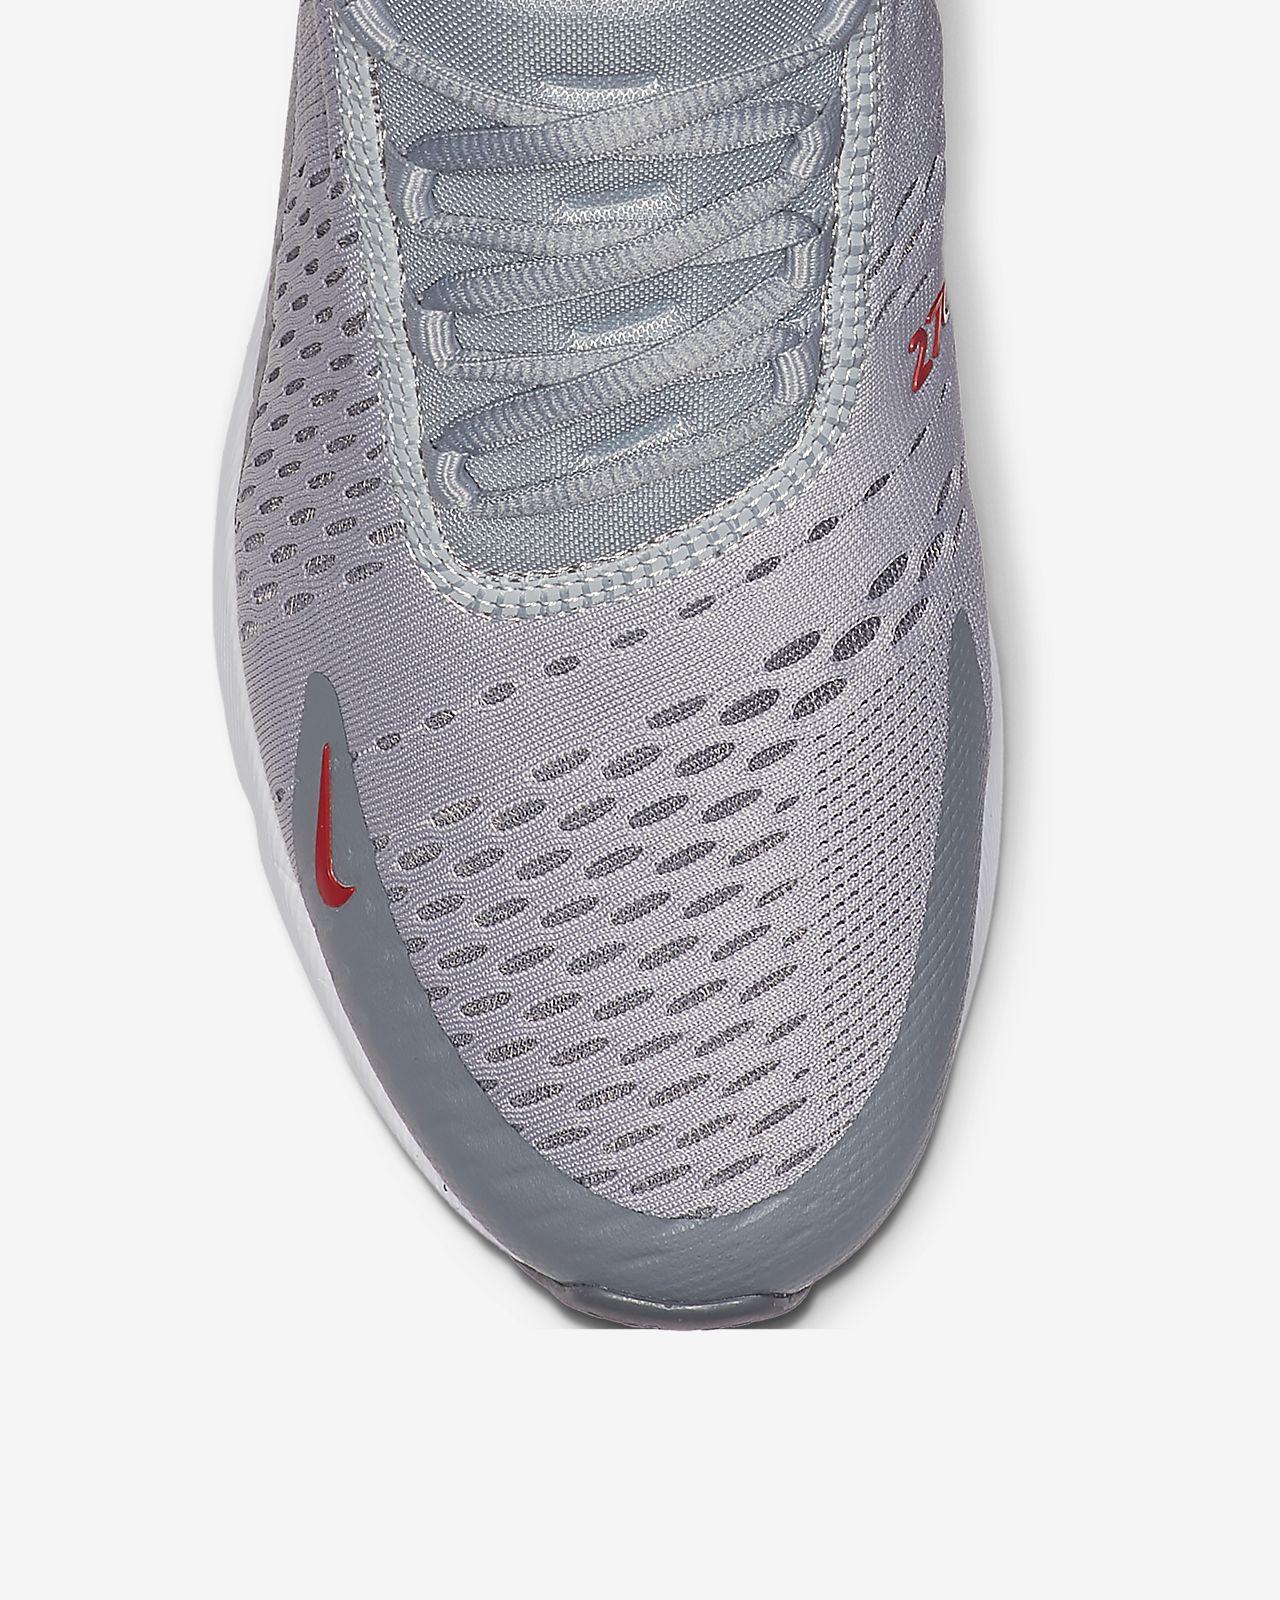 e635348e0 Nike Air Max 270 Men s Shoe. Nike.com GB